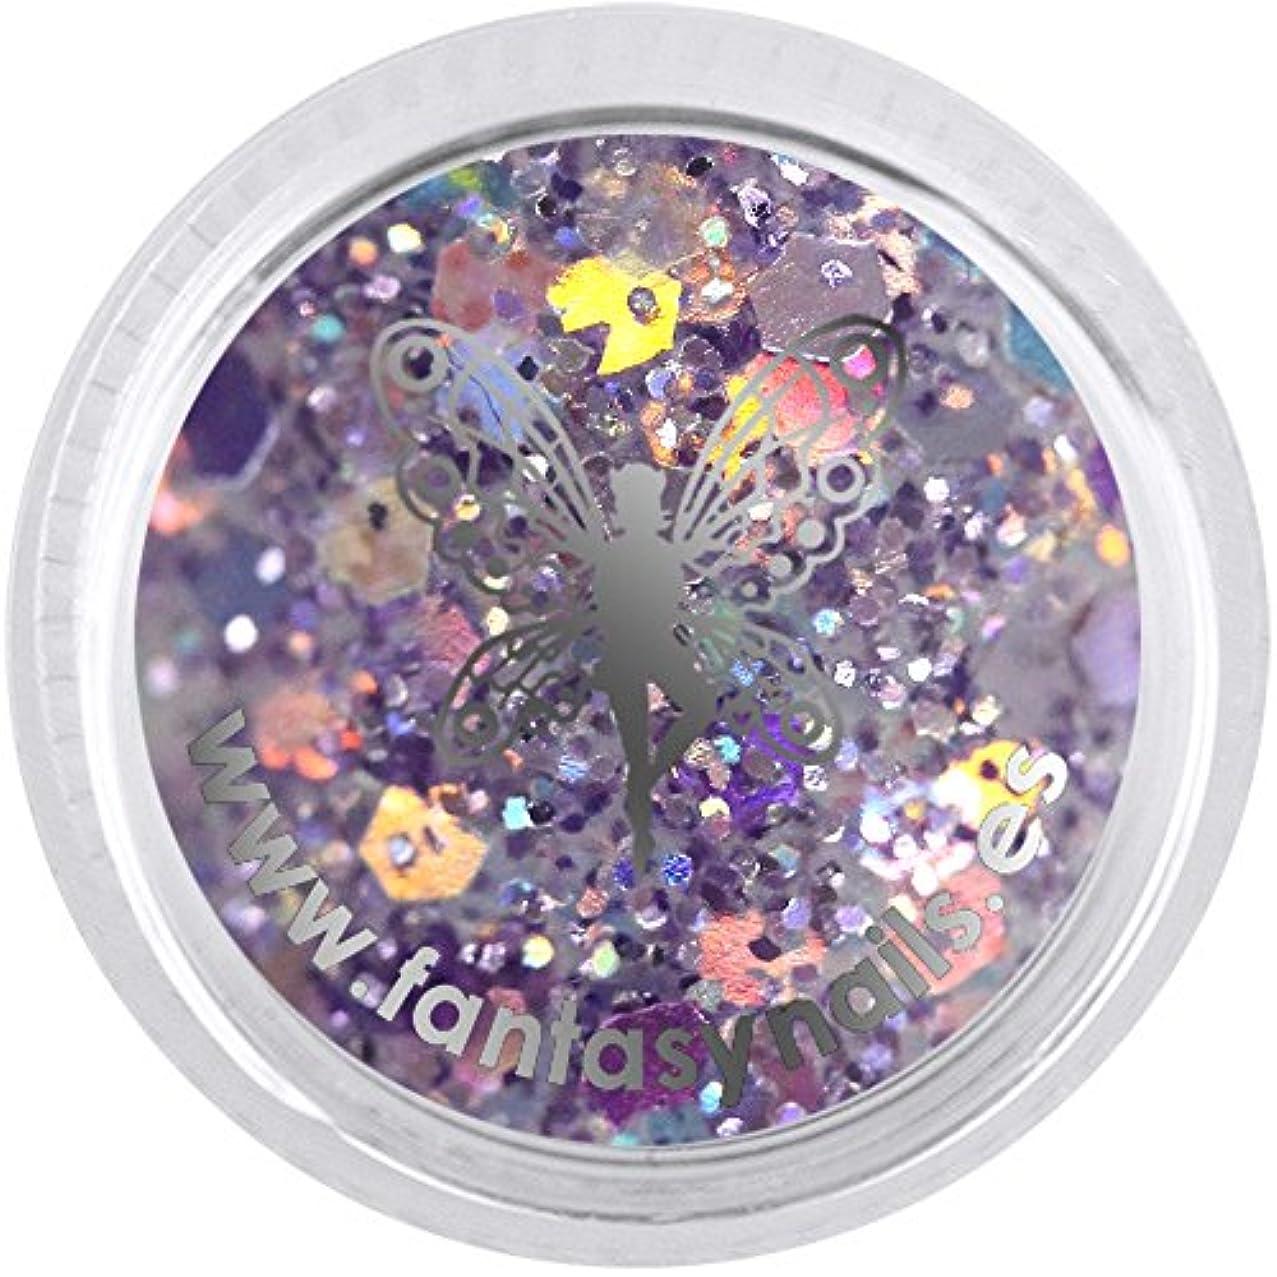 FANTASY NAIL トウキョウコレクション 3g 4227XS カラーパウダー アート材